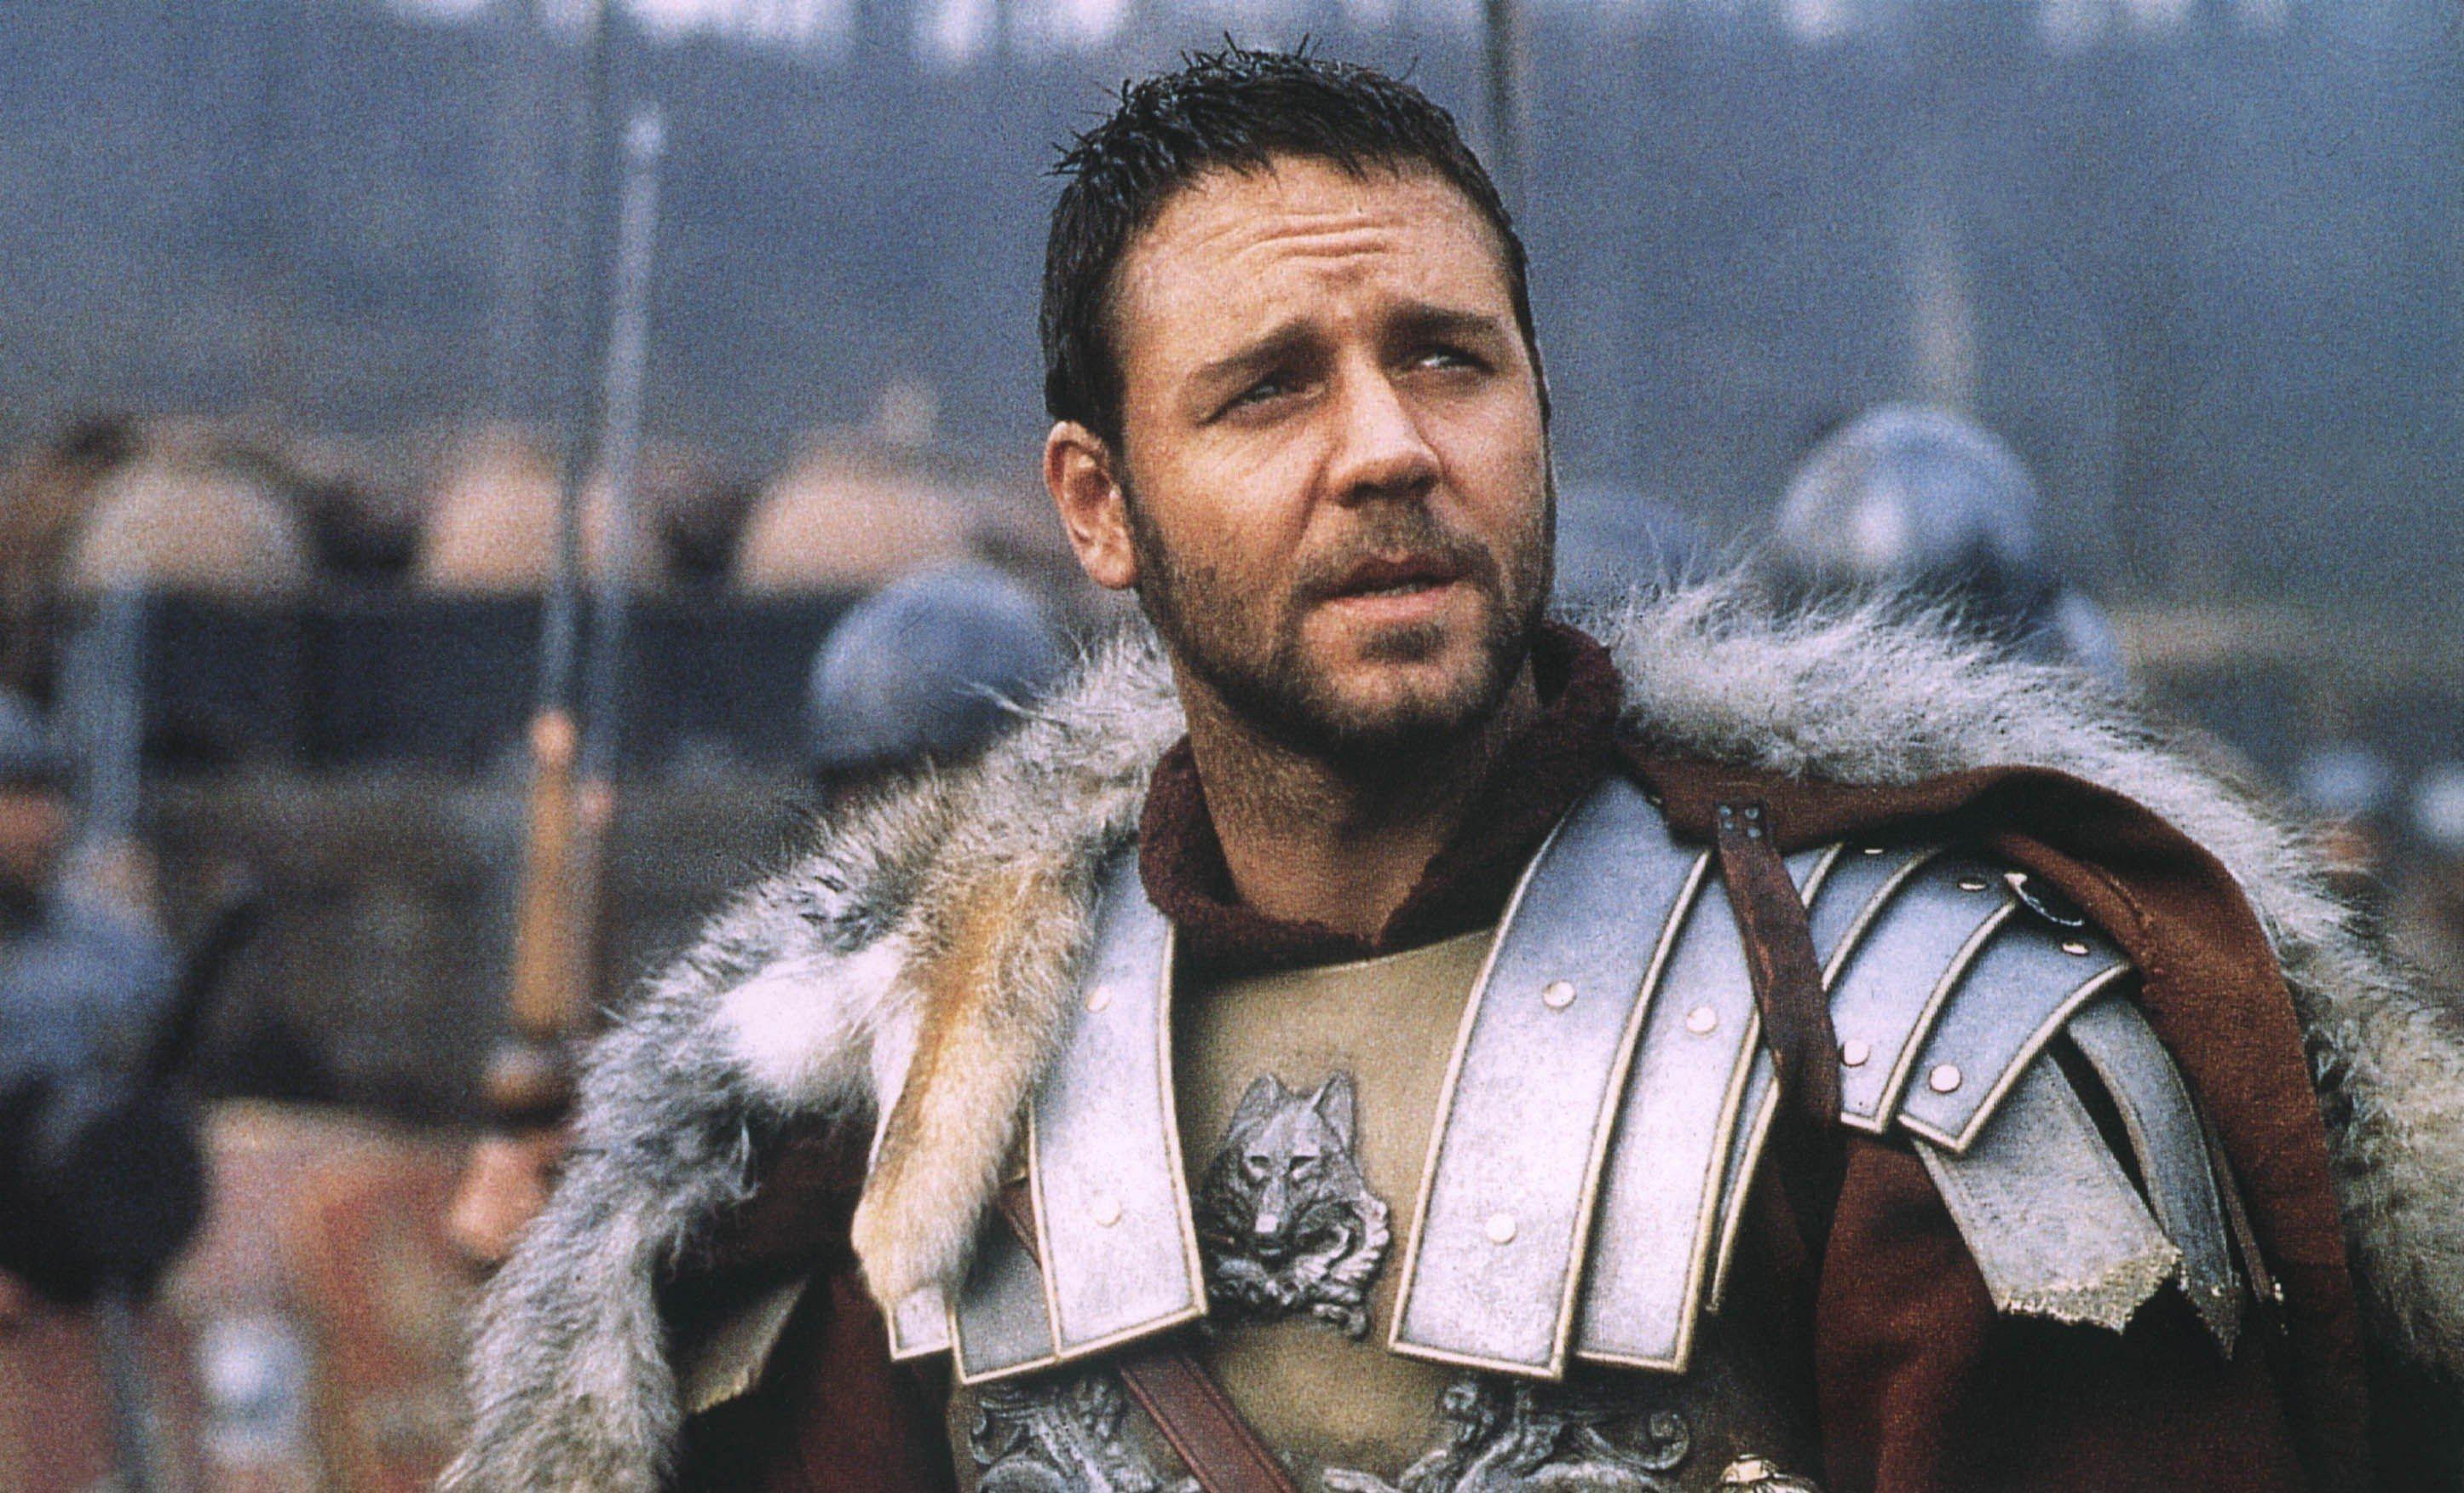 10 Frases De Gladiador Que Te Harán Reflexionar Sobre La Vida Esquire